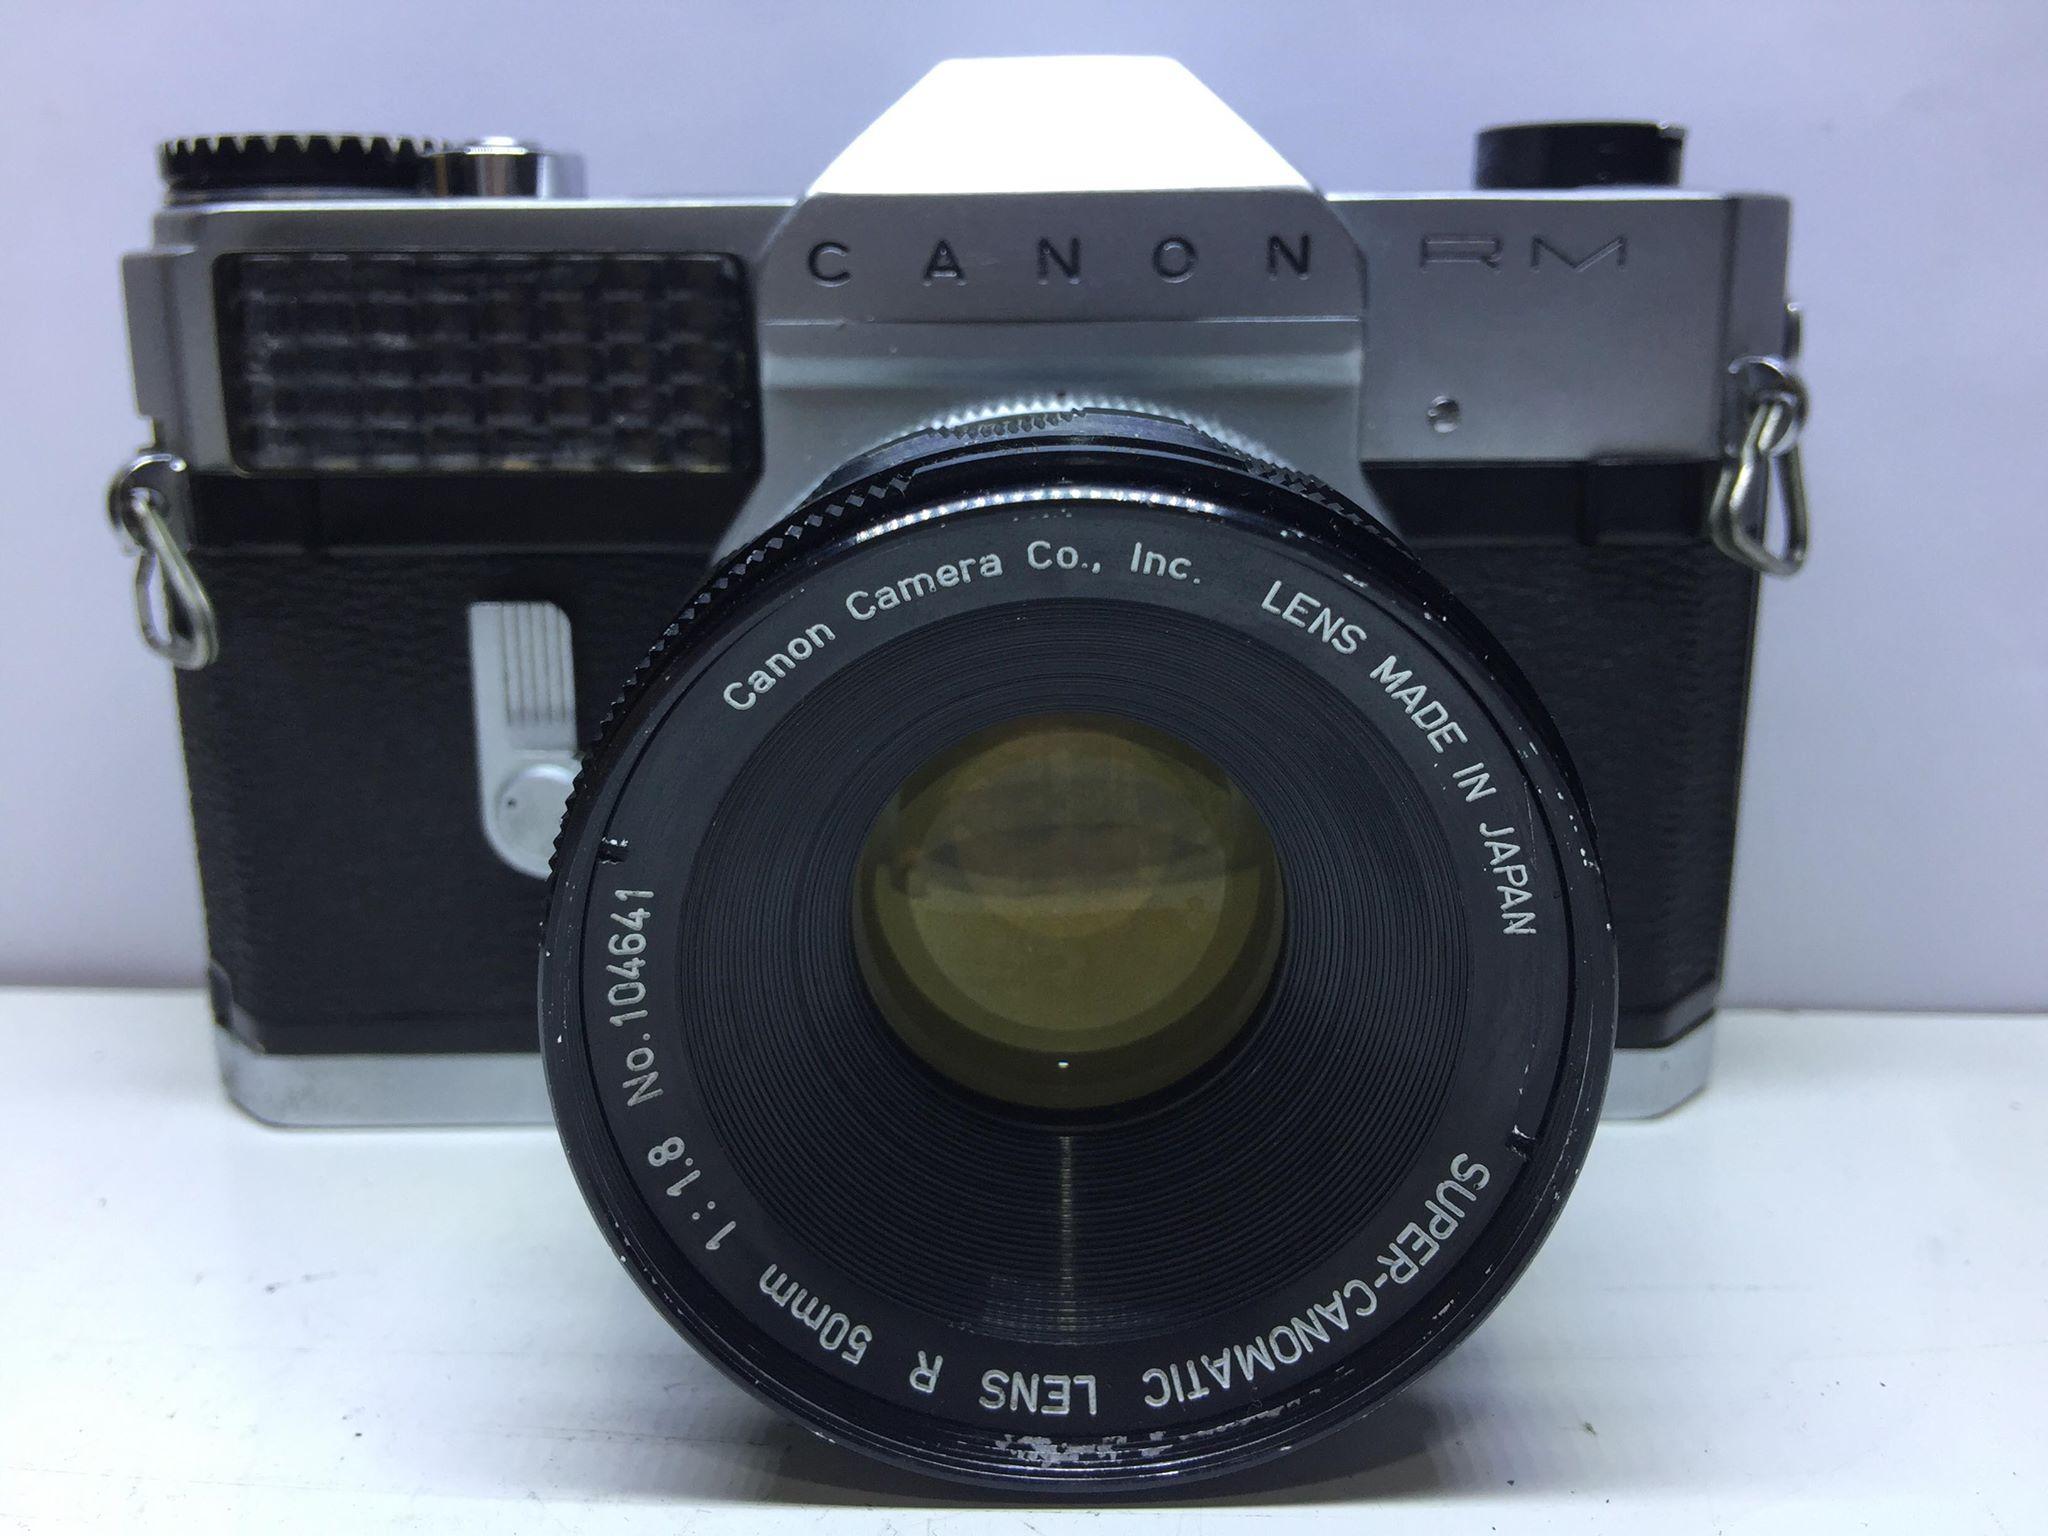 CANON CANOFLEX RM SUPER-CANONMATIC LENS R 50MM.F1.8